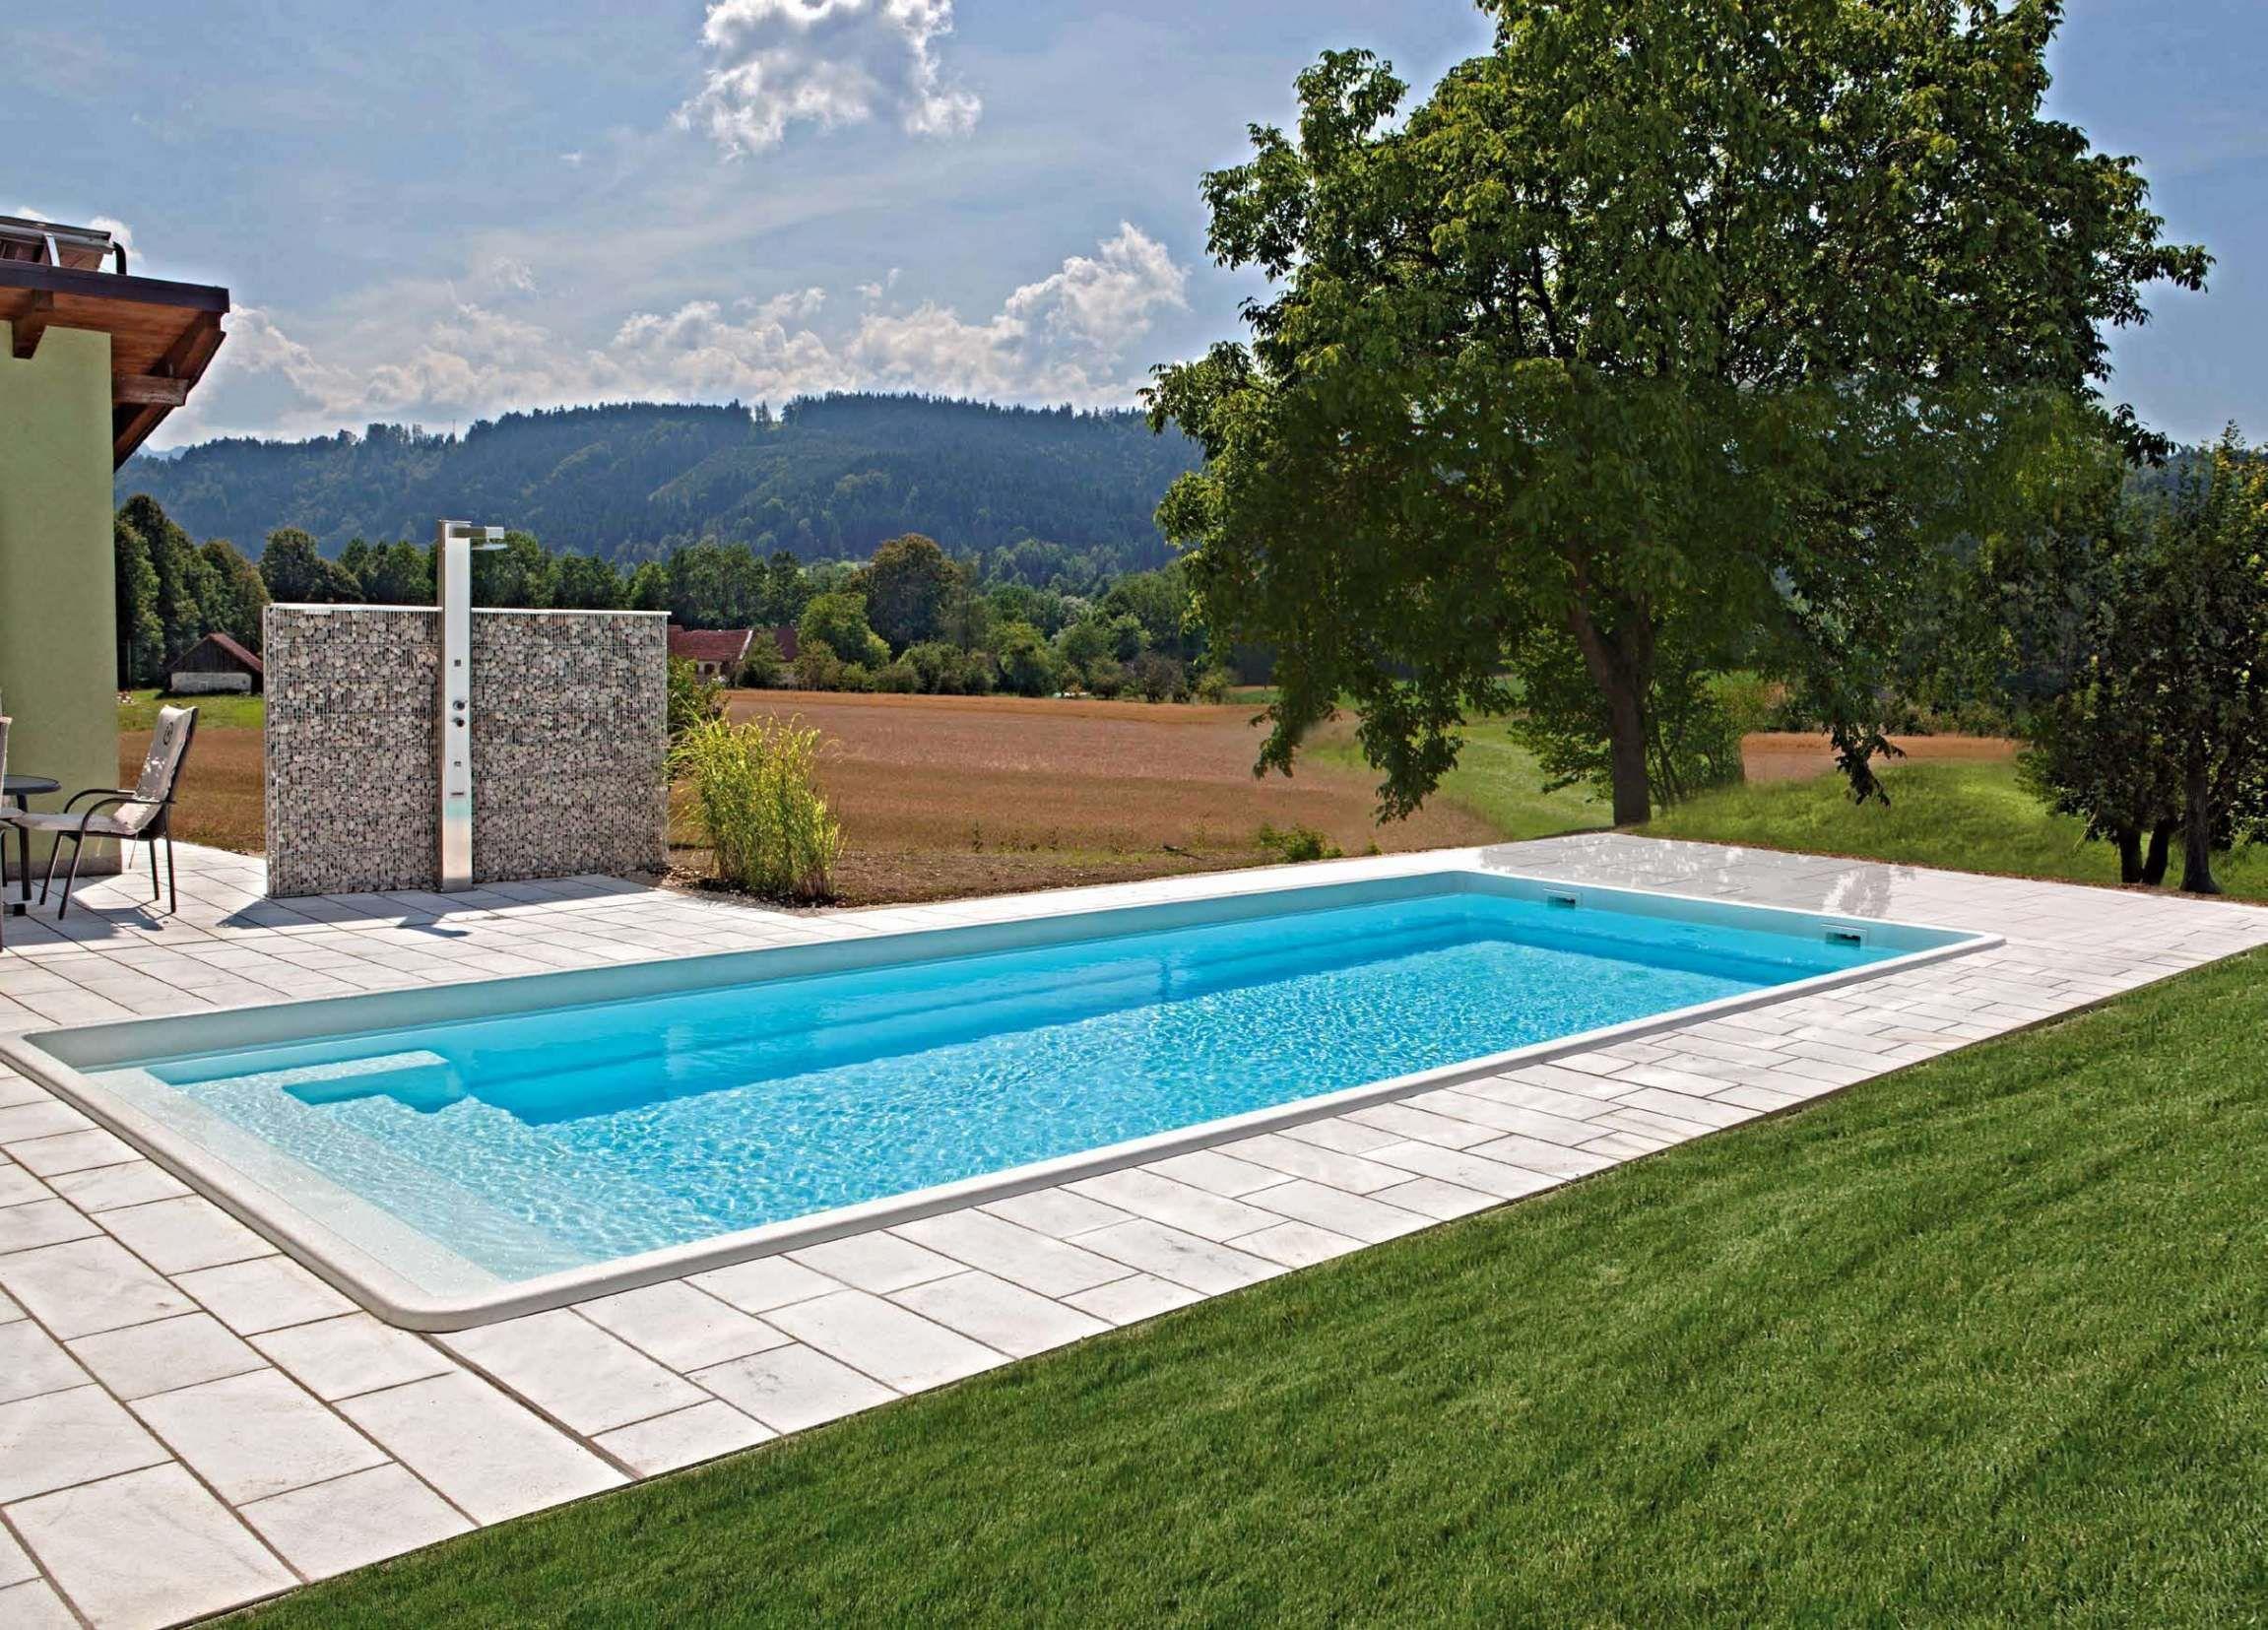 Sichtschutz Garten Holz Pool Garten Kaufen Schwimmbad